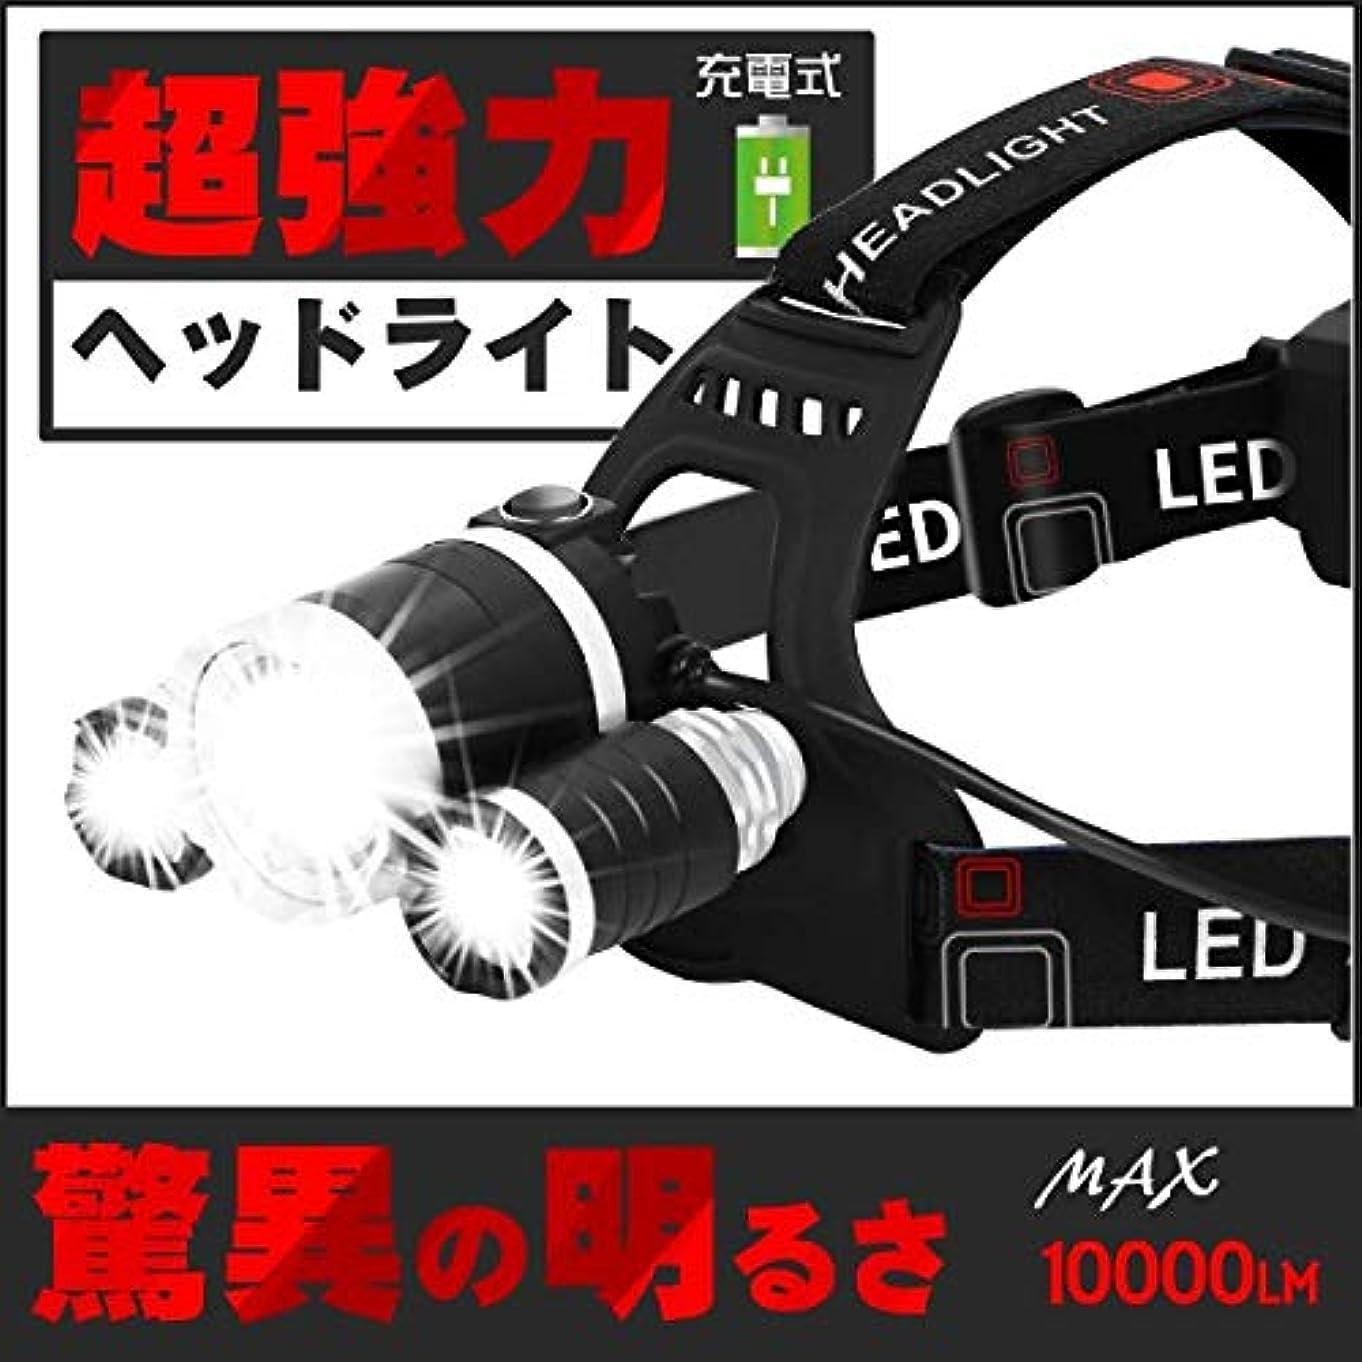 あそこエントリエッセイヘッドライト 充電式 LED 釣り ヘッドランプ 夜釣り 登山 防災 最強ルーメン アウトドア キャンプ 登山